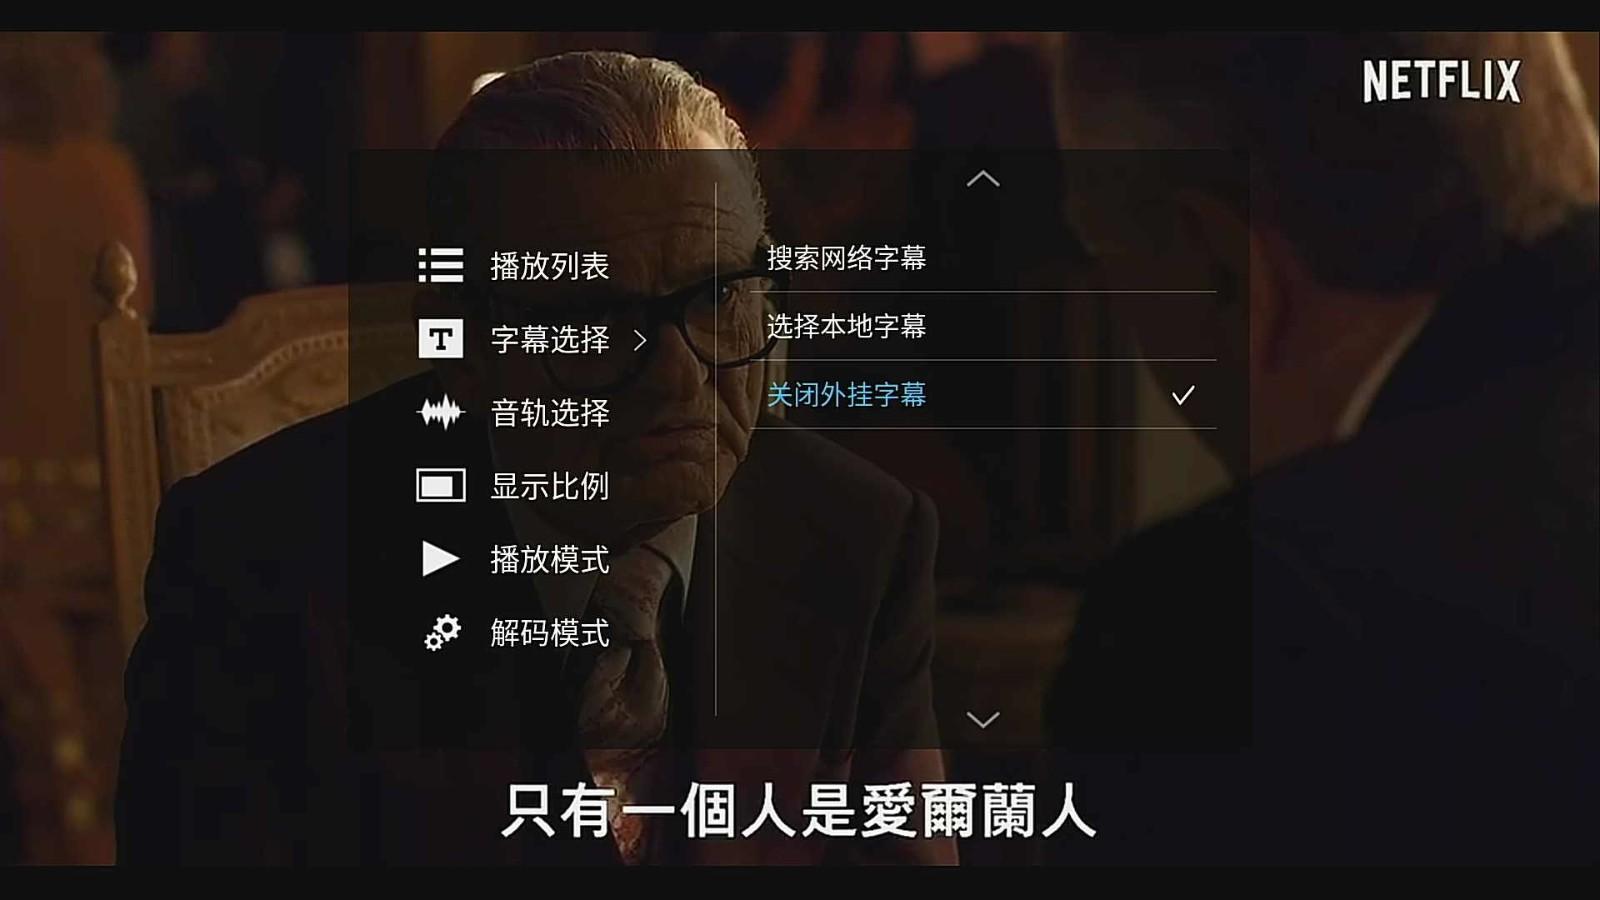 Screenshot 2021-08-09 15-42-43.jpg